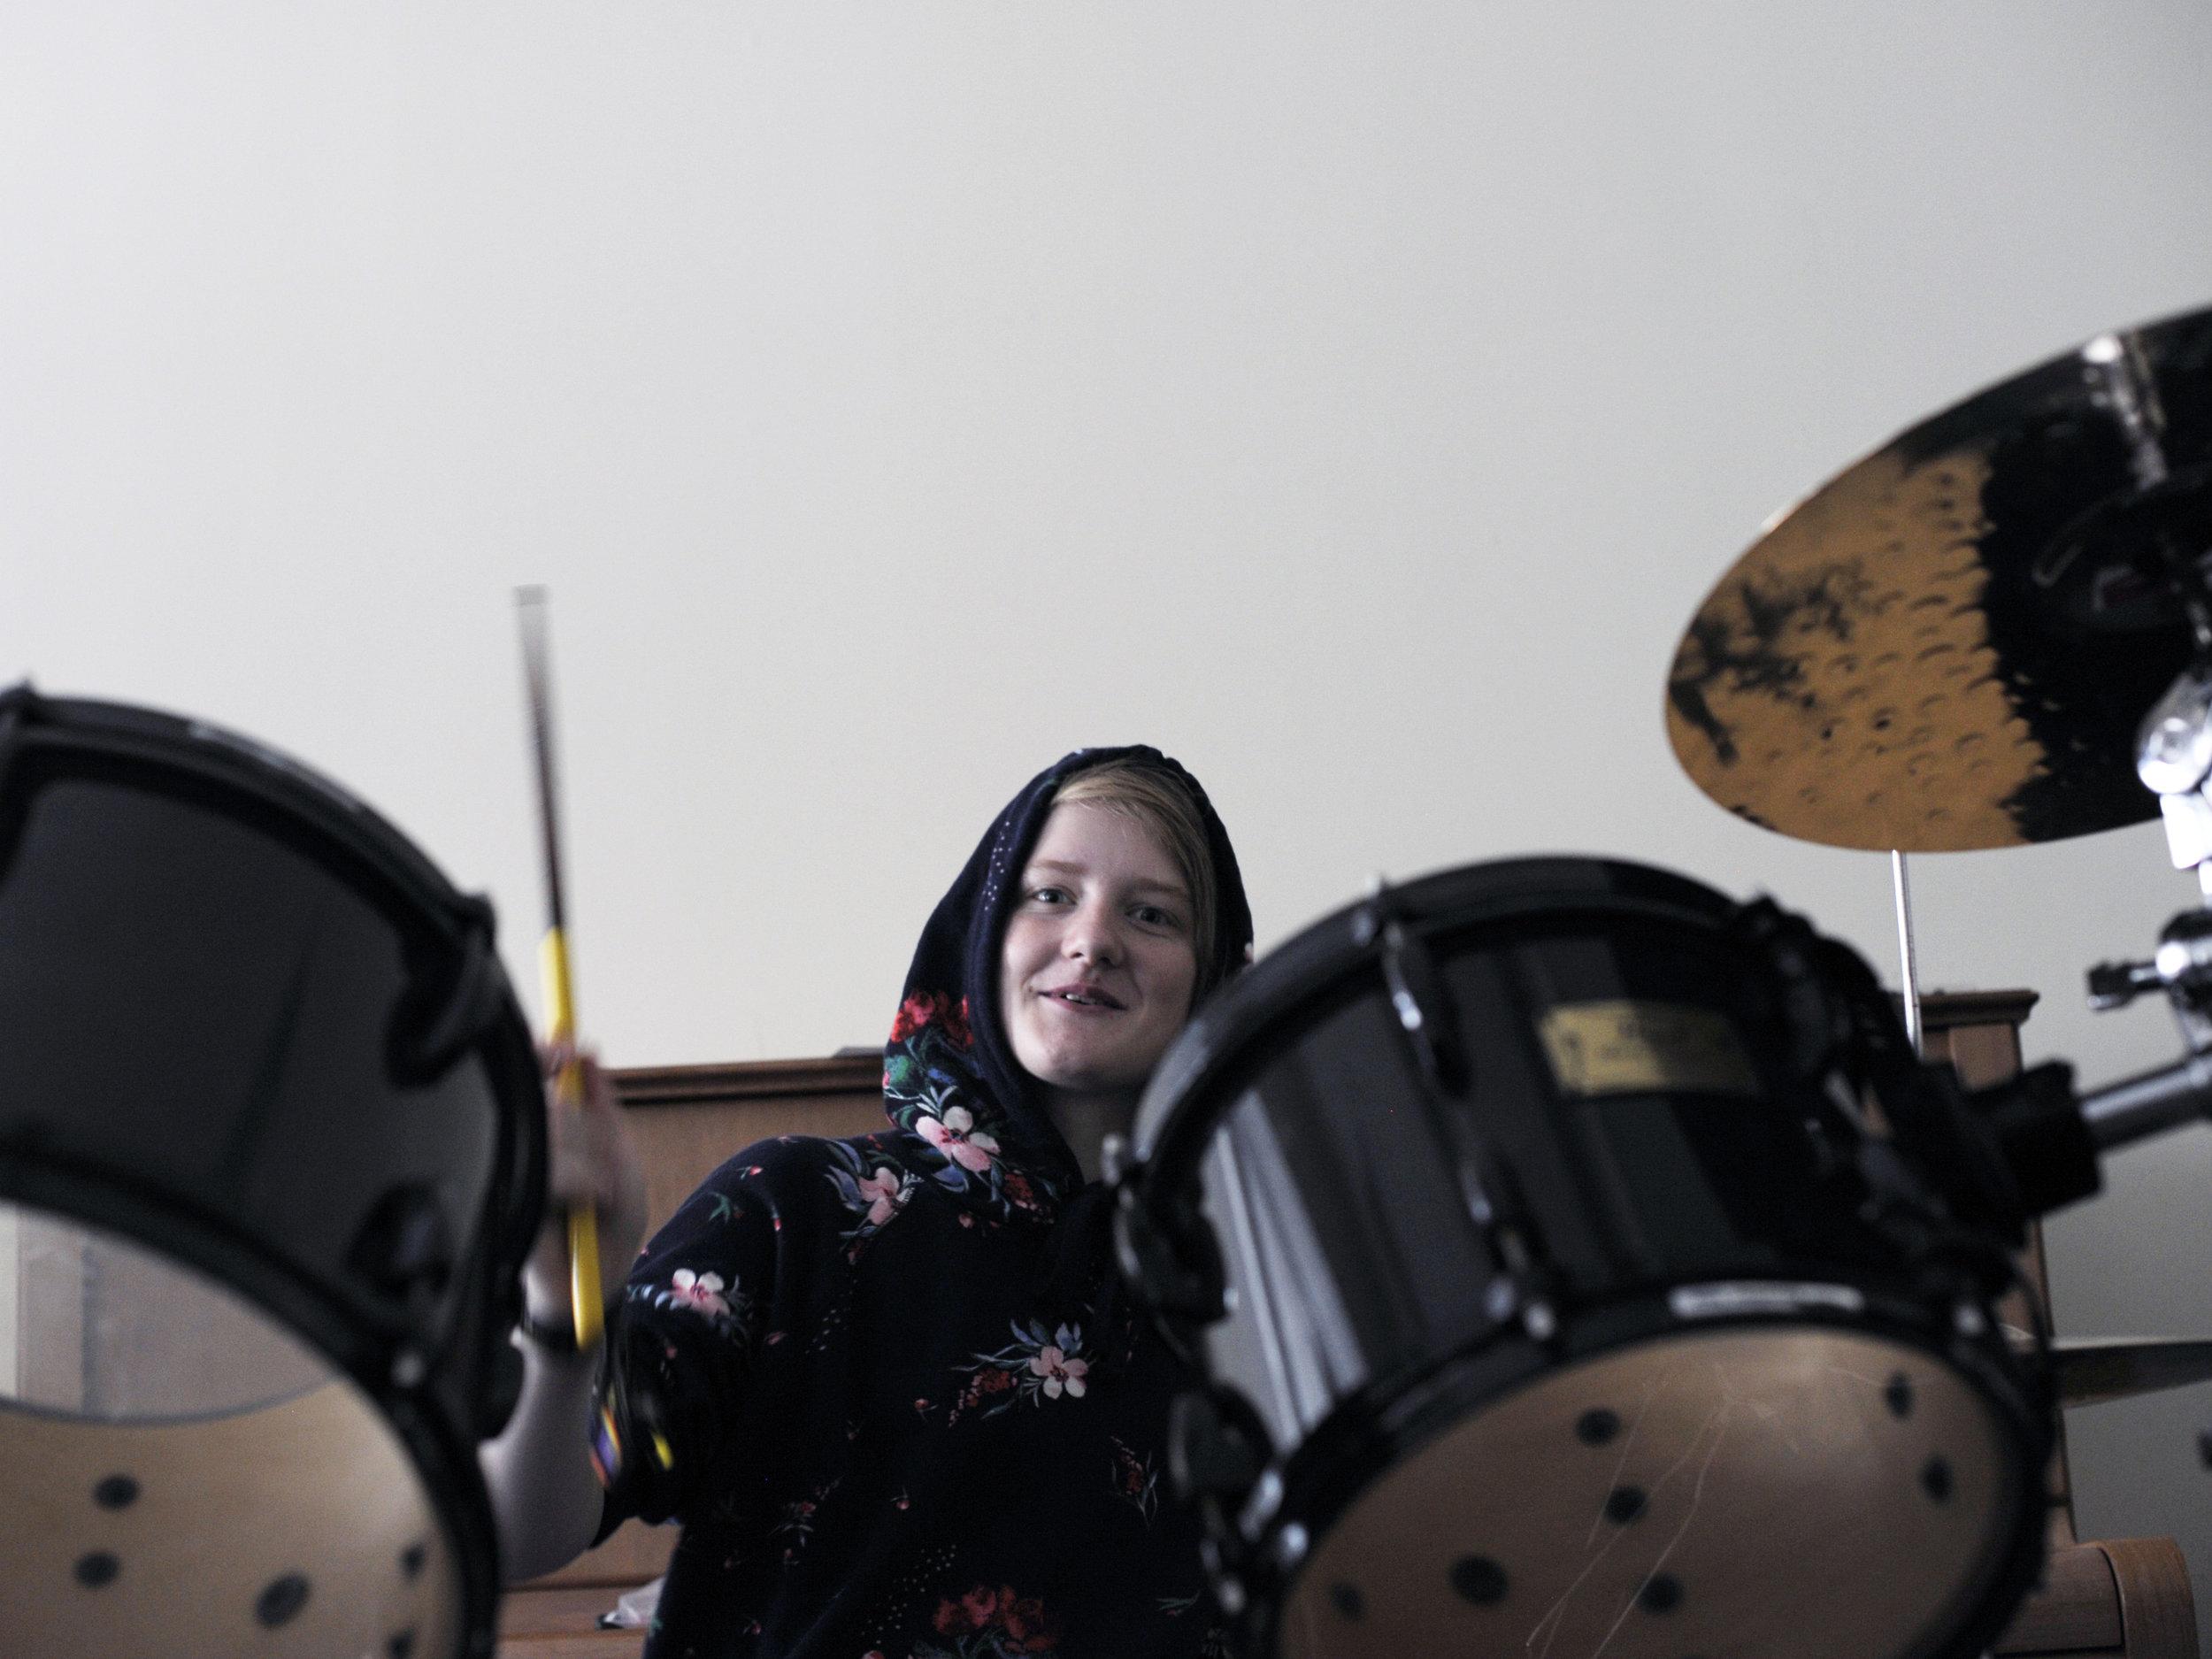 Amalie har vært på LOUD flere ganger, og fikk prøve seg bak trommesettet i Berlin. Photo: Małgo Grygierczyk